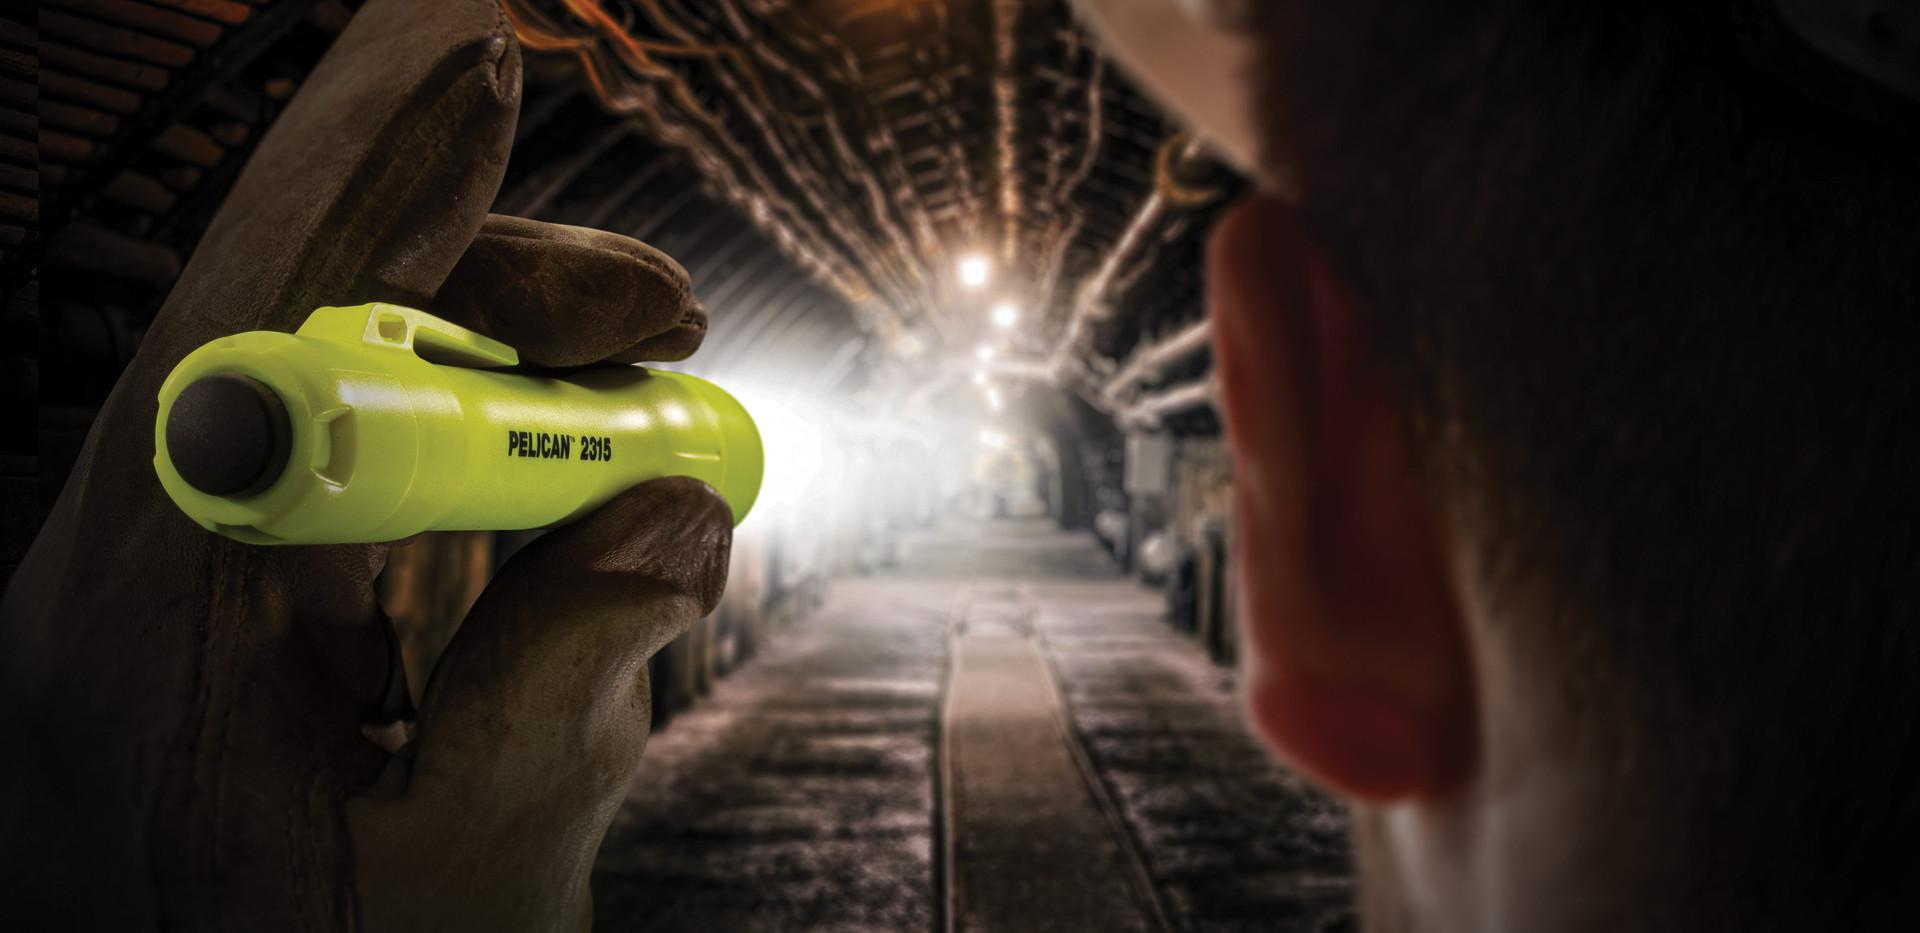 pelican-2315-flashlight-01.jpg